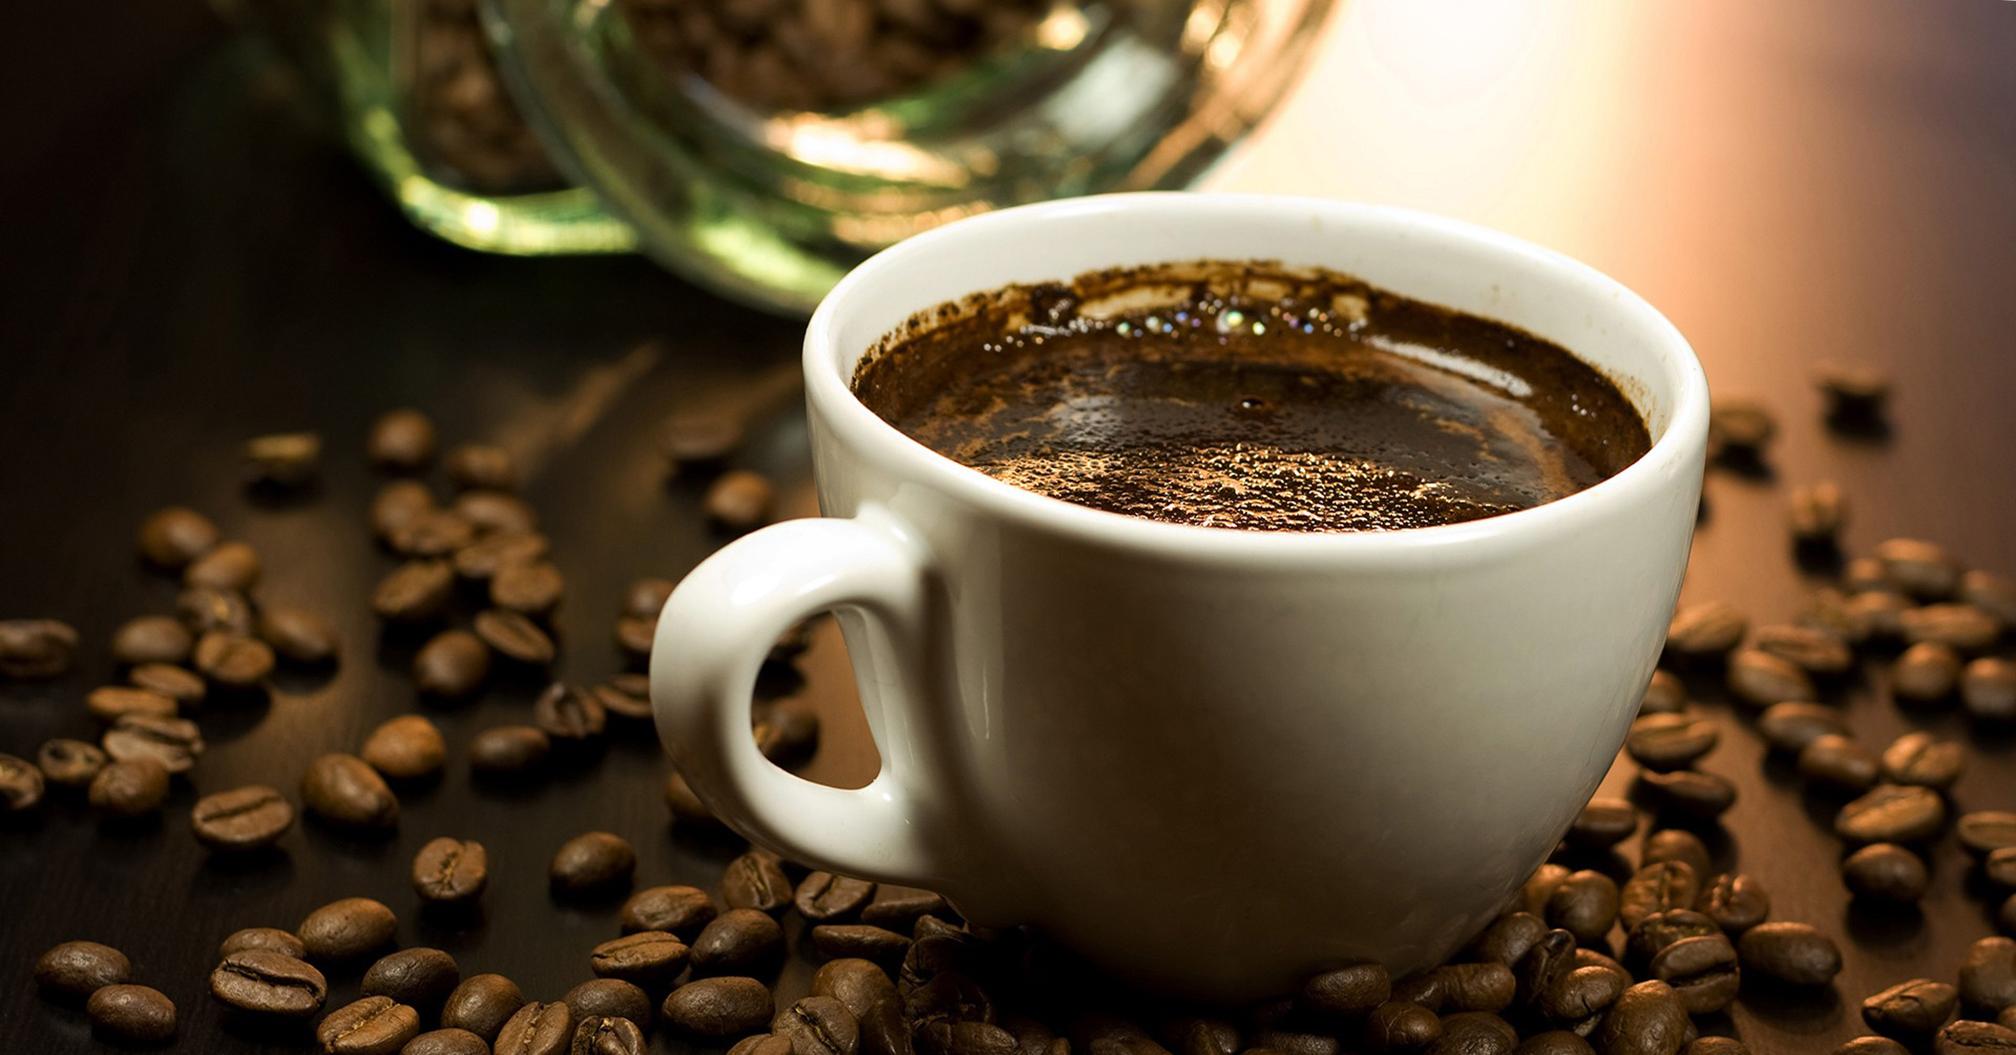 Hintergrundbilder : Getränk, Tasse, Uhren, Espresso, türkischer ...